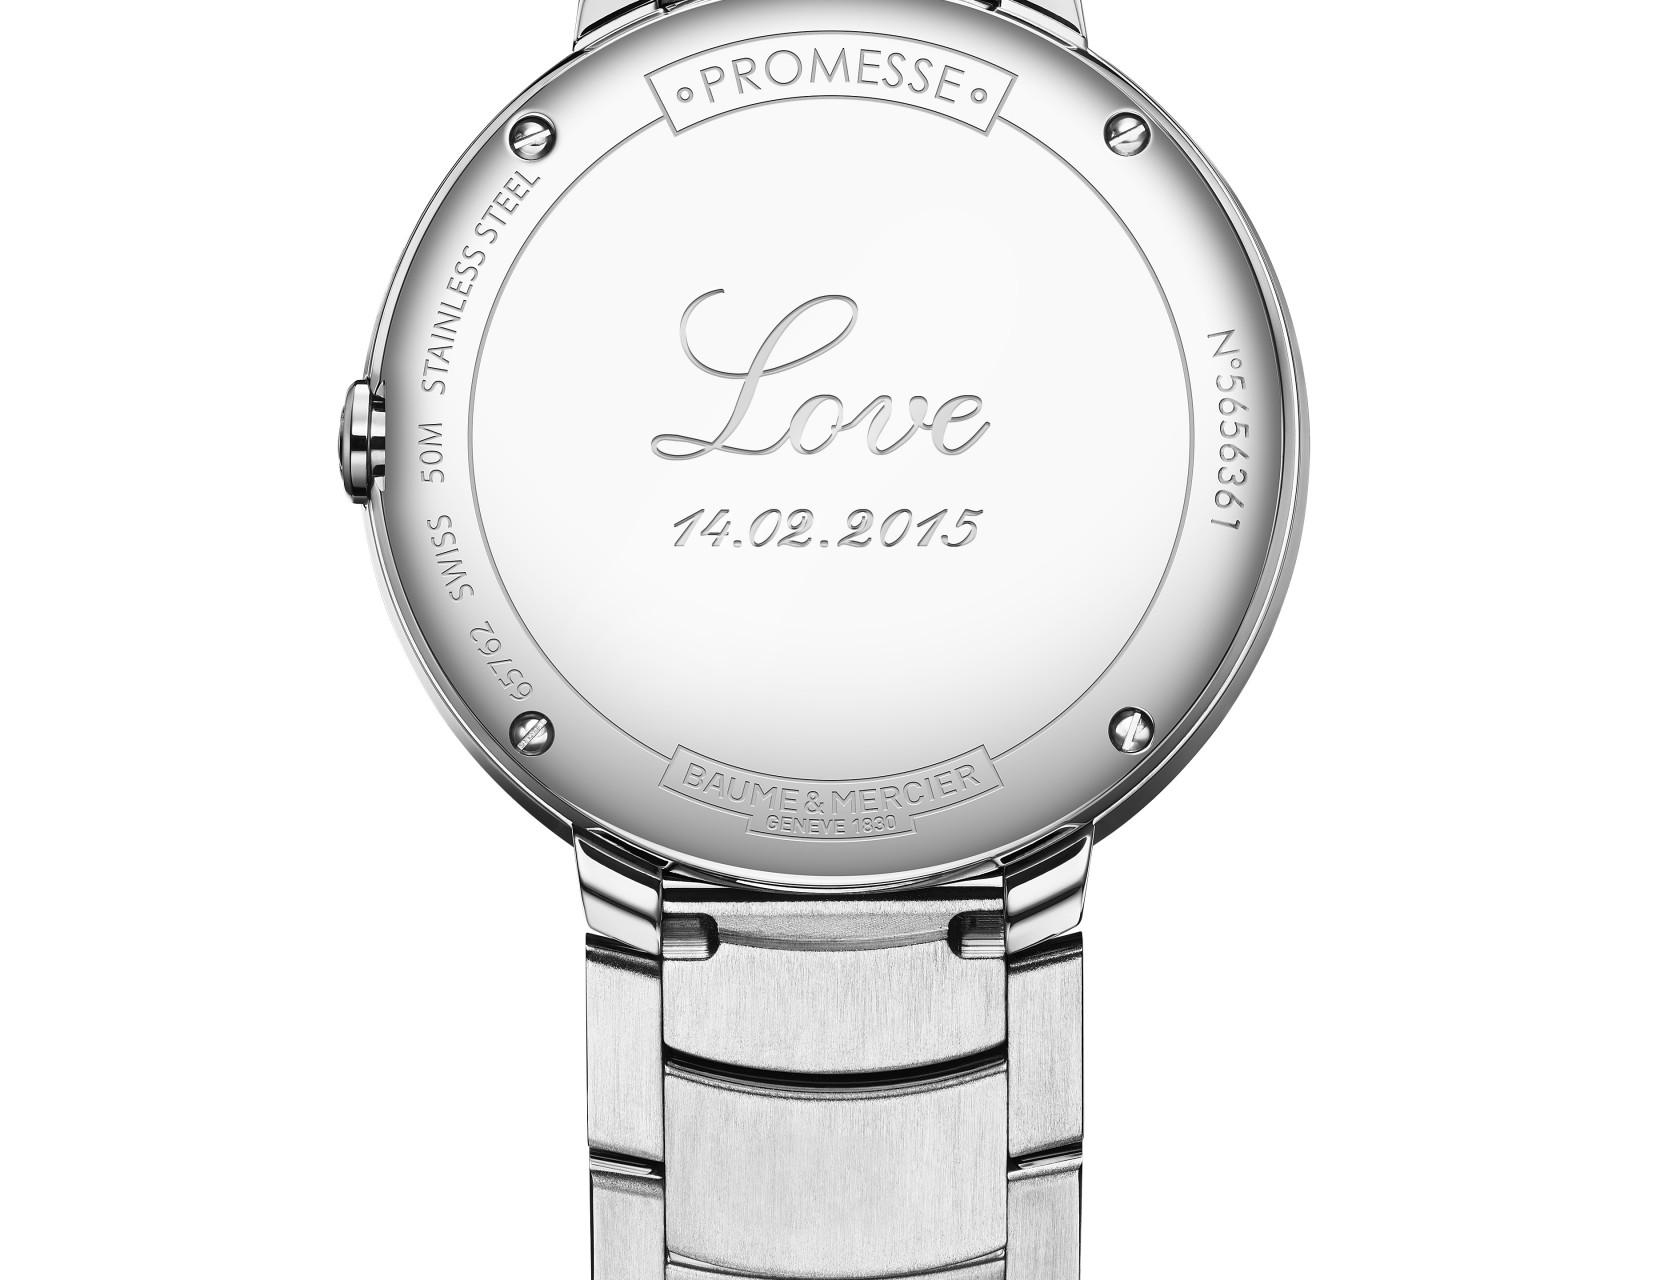 Baume-et-Mercier-Promesse-10178-back-Engraving